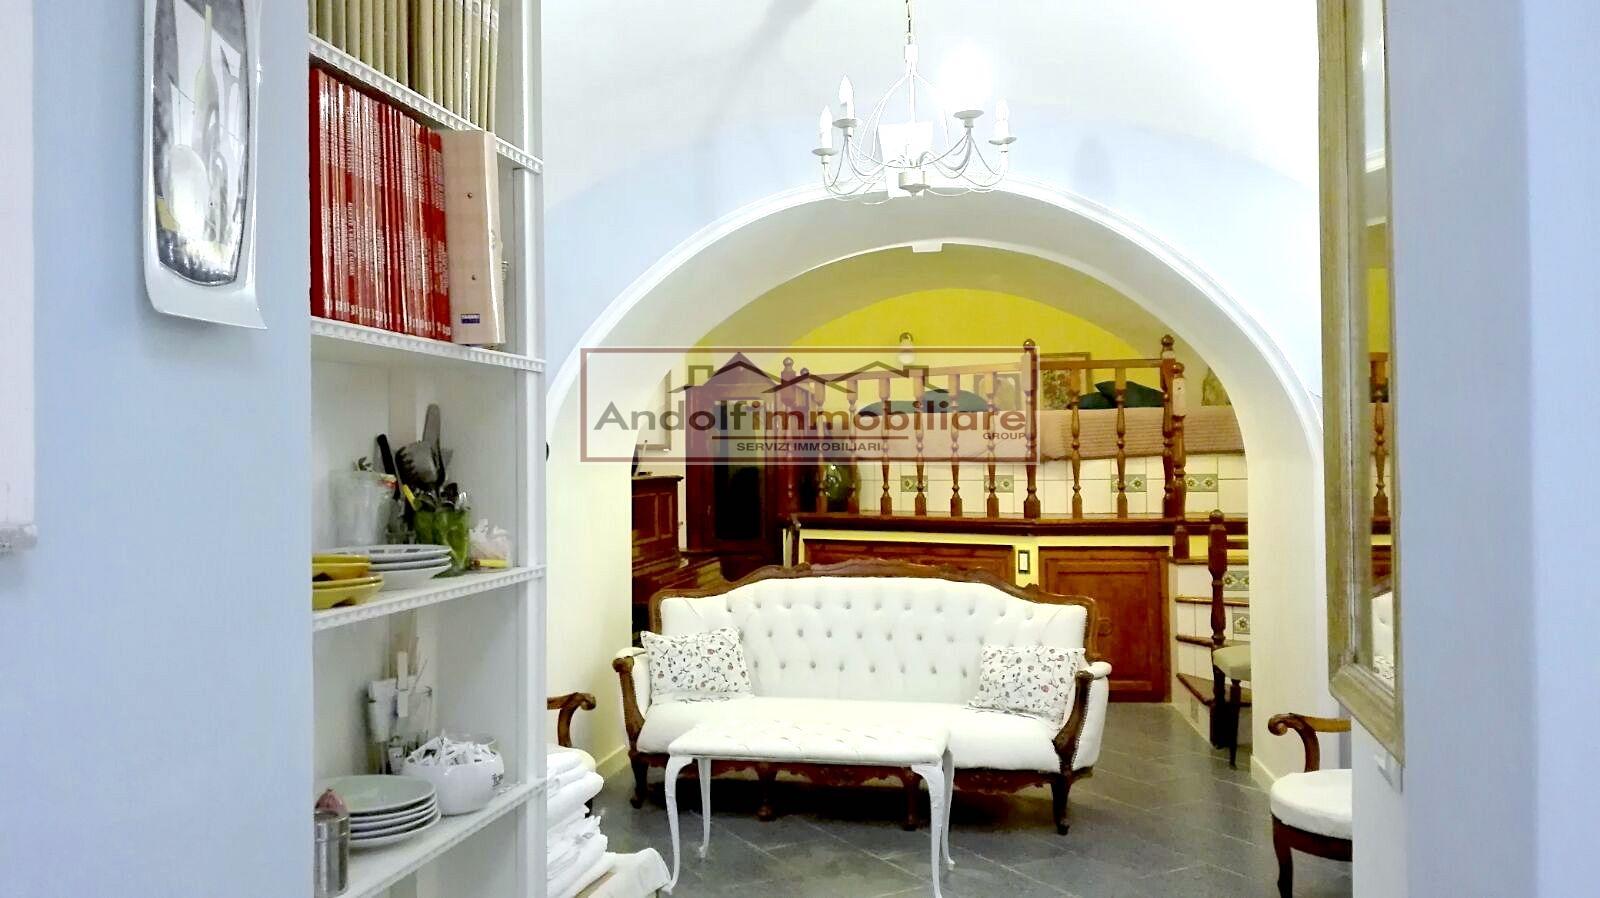 Gaeta Medievale Alta. Appartamento con relativa attività di affittacamere in Vendita a Gaeta.